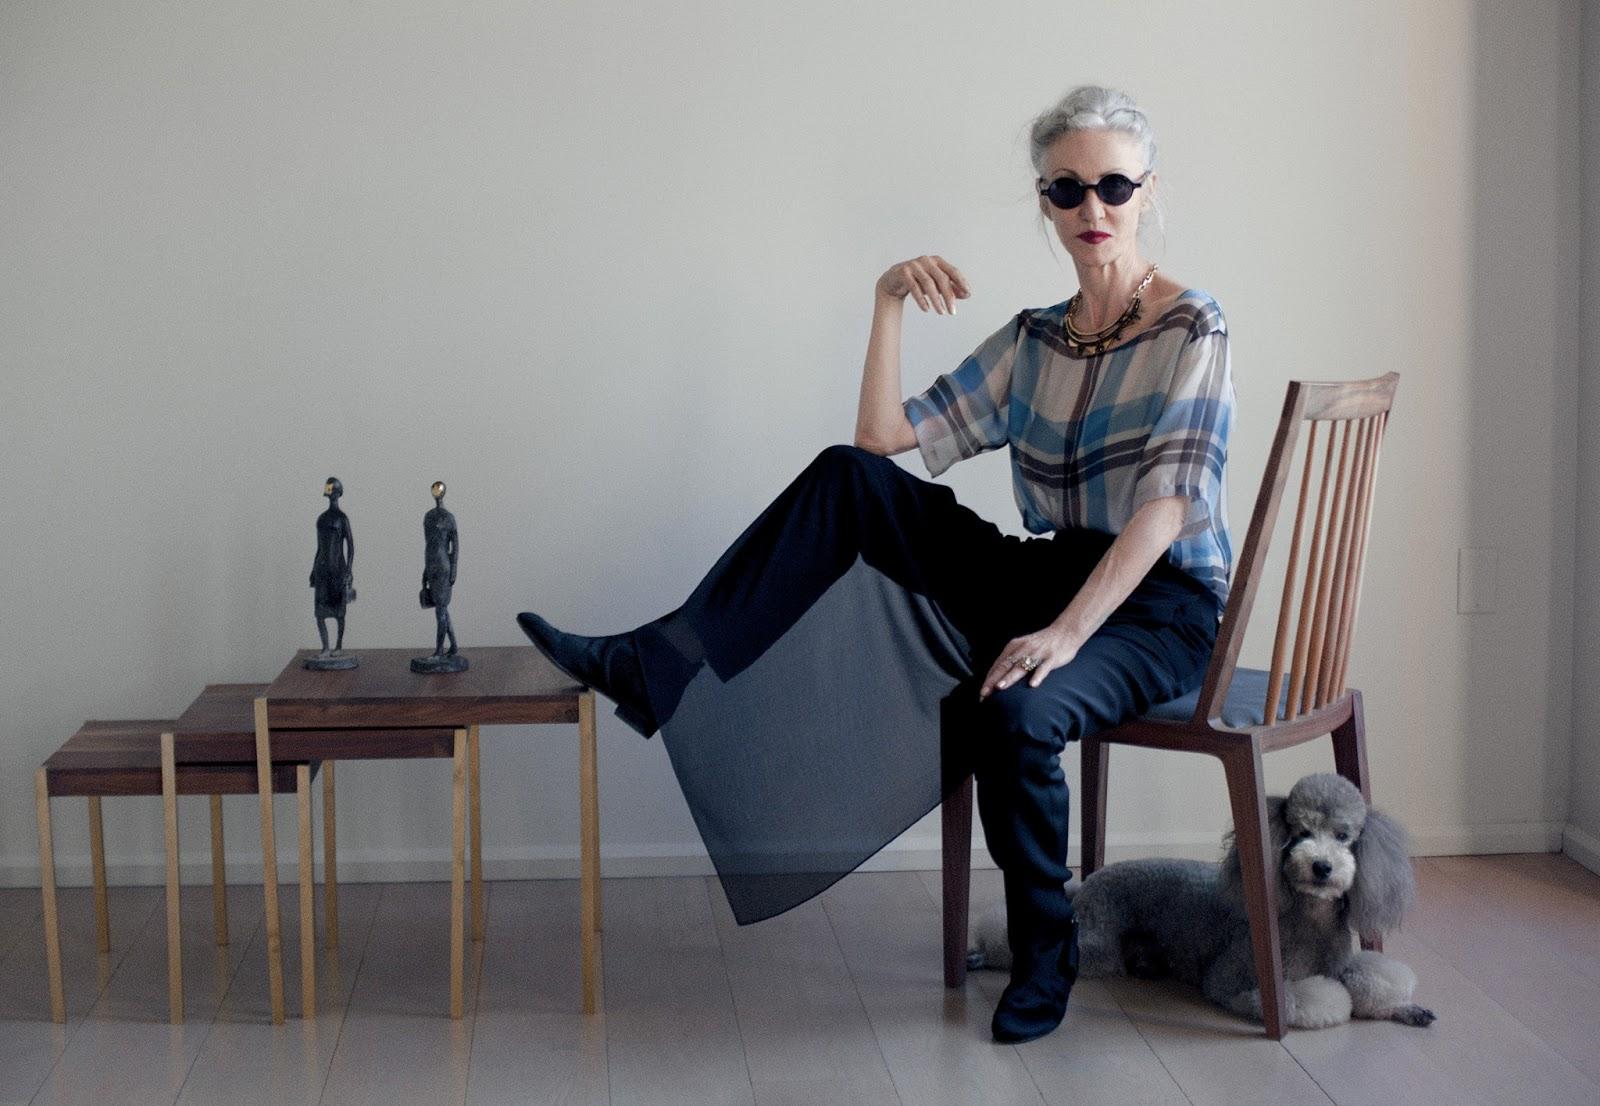 style Linda Rodind